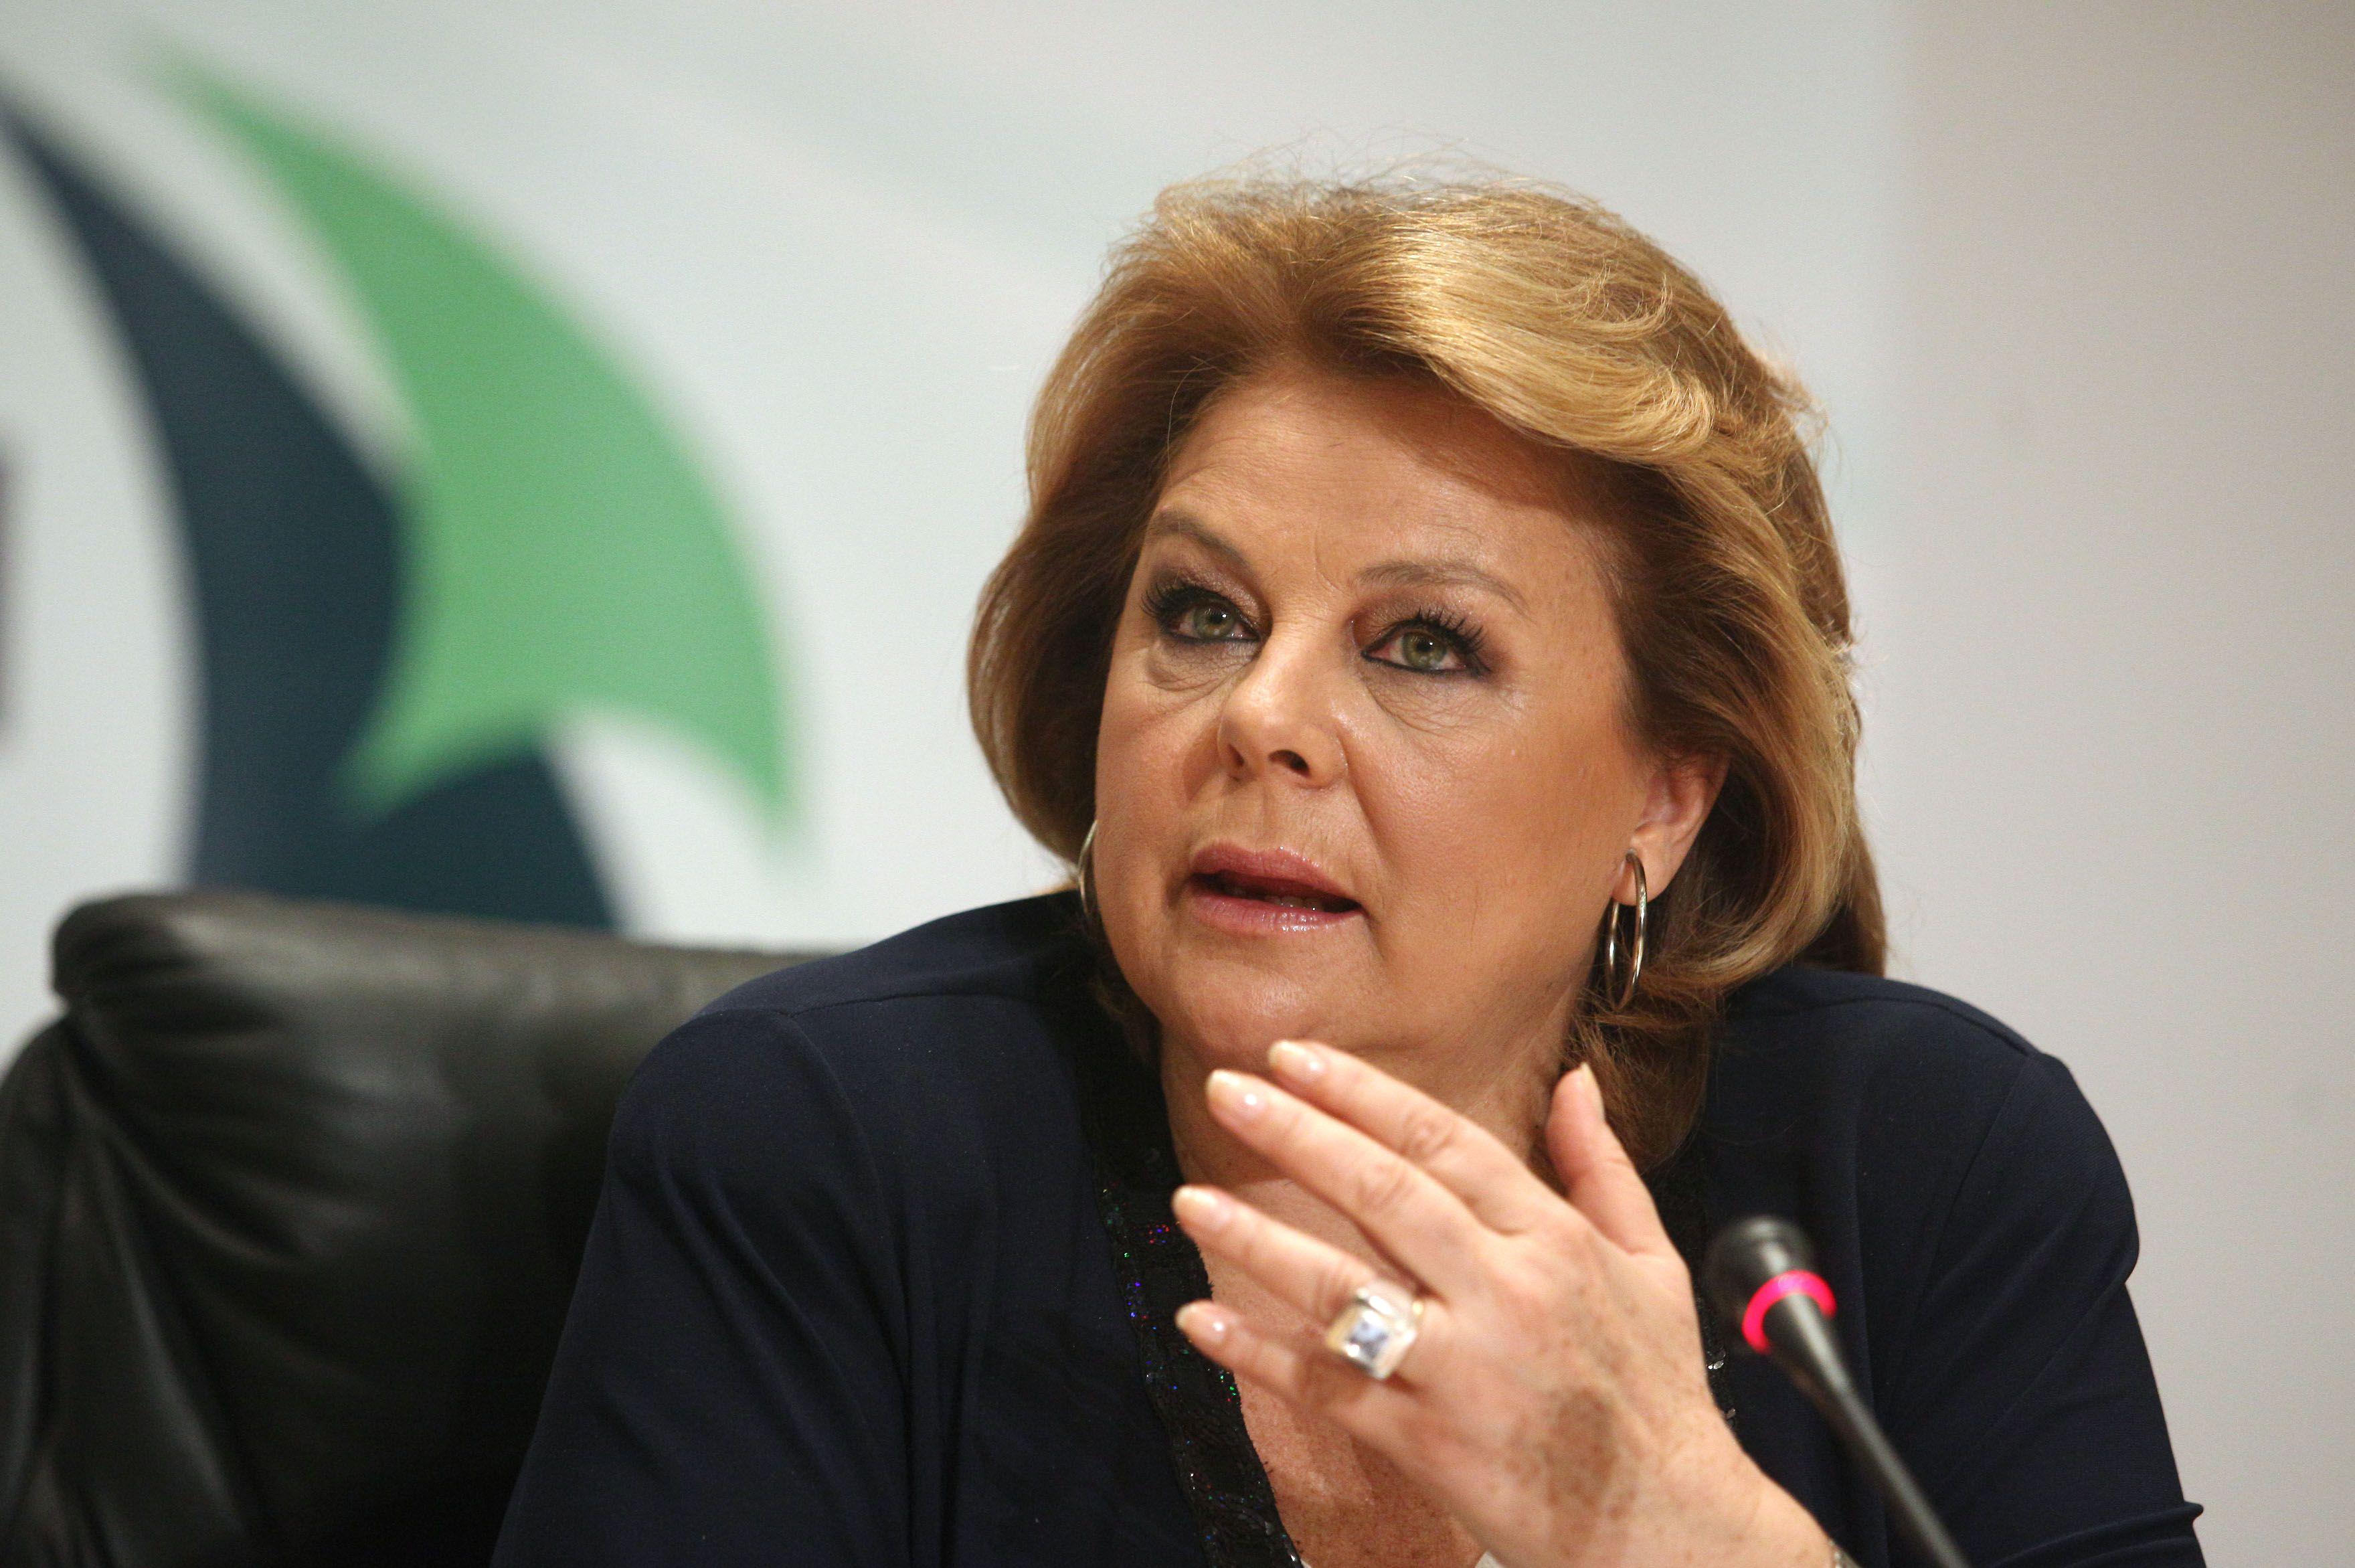 Η πολιτική Σαμαρά – Βενιζέλου ρίχνει τη χώρα στα βράχια, λέει η Λούκα Κατσέλη